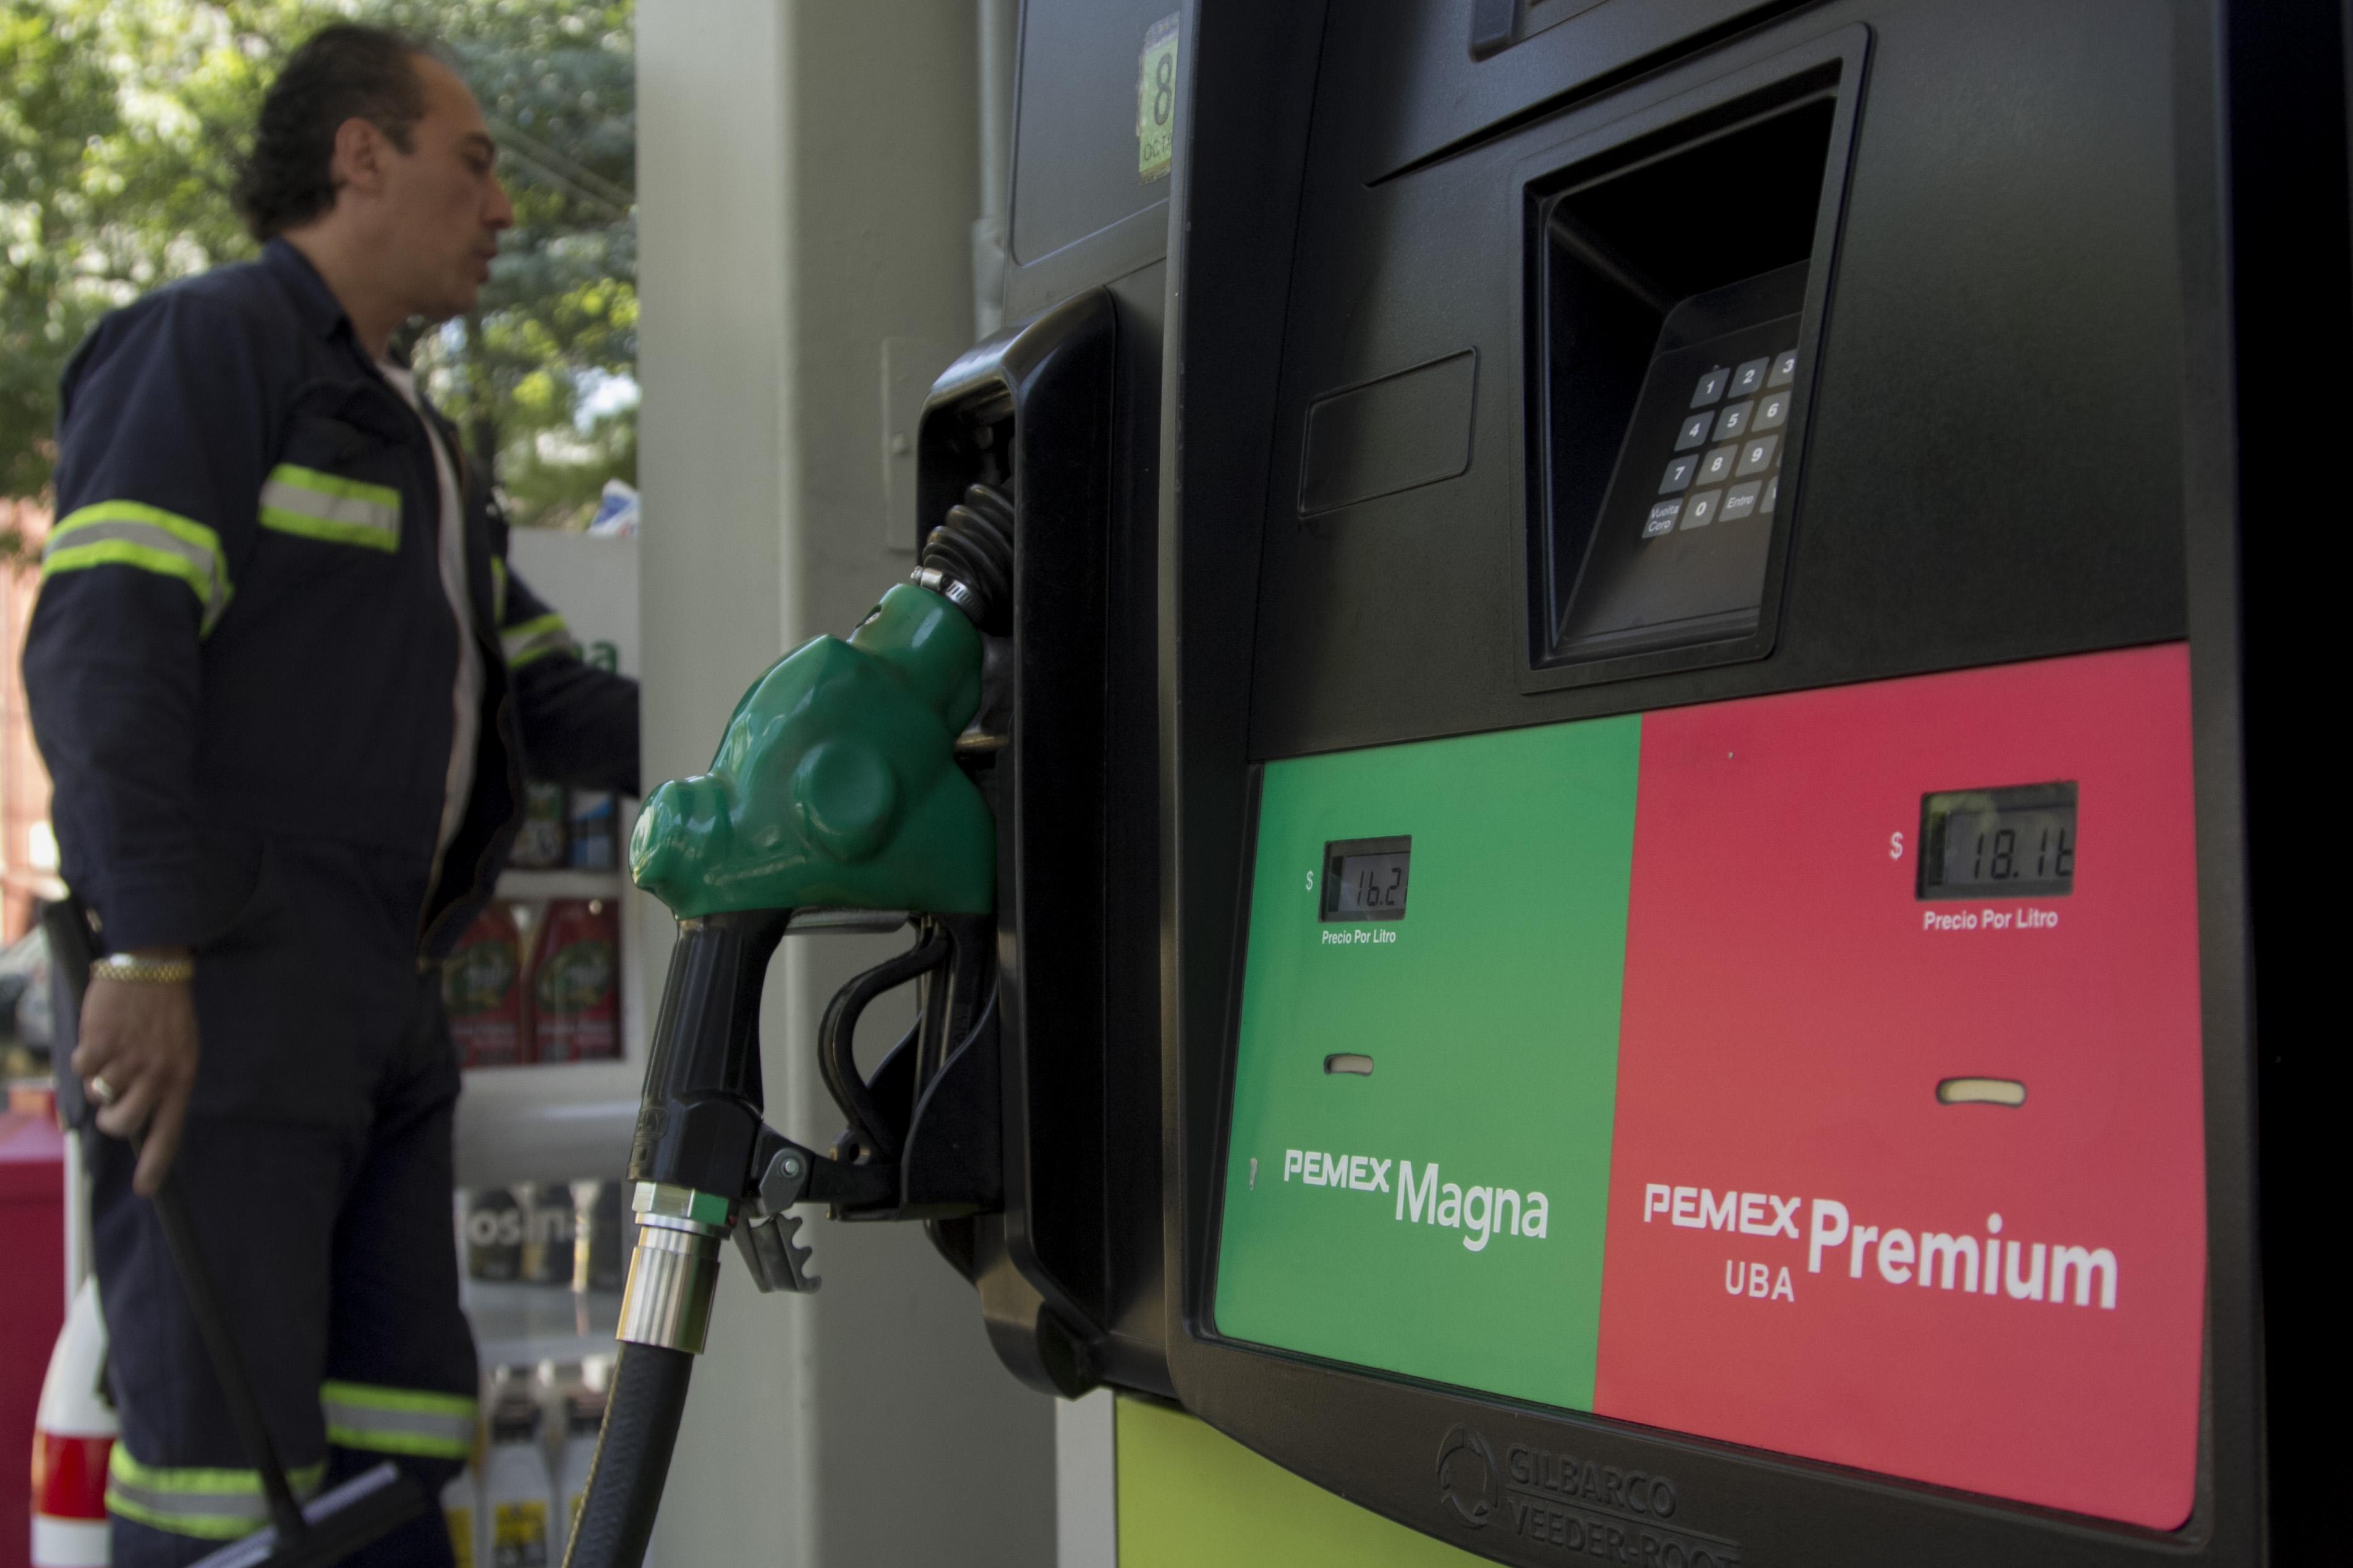 El costo de la gasolinas serán de 16.08 pesos Magna y de Premium  17.96 pesos en CDMX. FOTO CUARTOSCURO